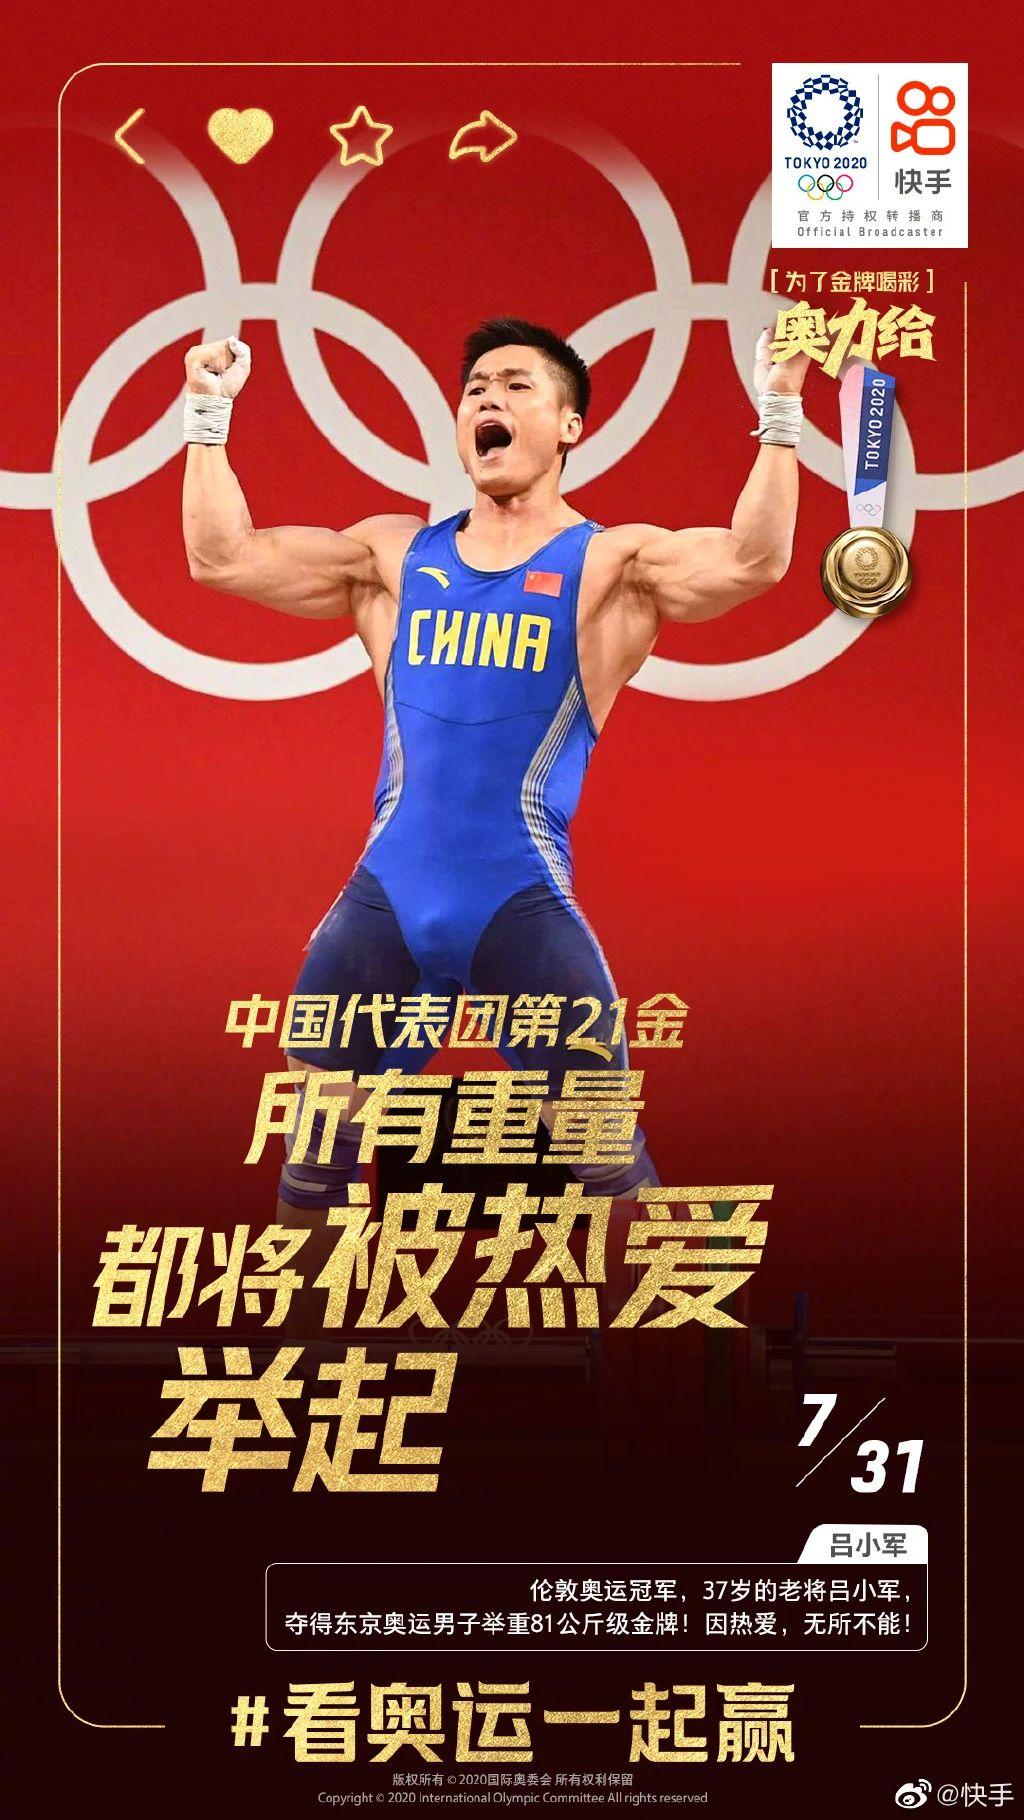 东京奥运会闭幕,留下10句神仙文案!